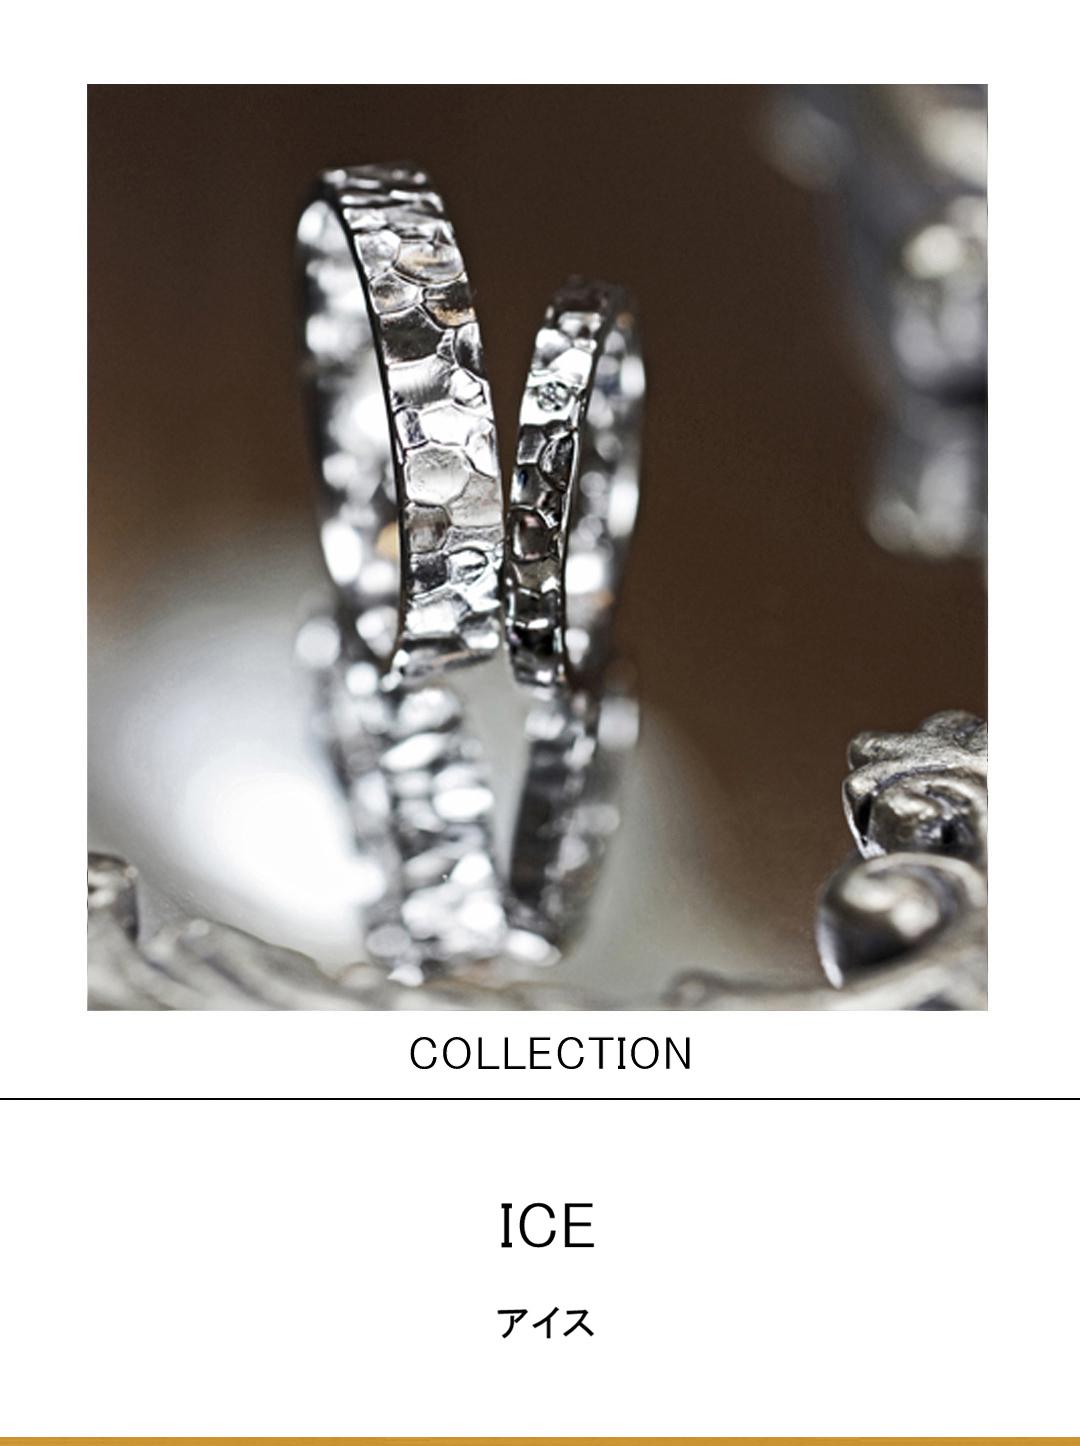 アイス・グラスに浮かぶ氷の表面をイメージした結婚指輪コレクションのサムネイル